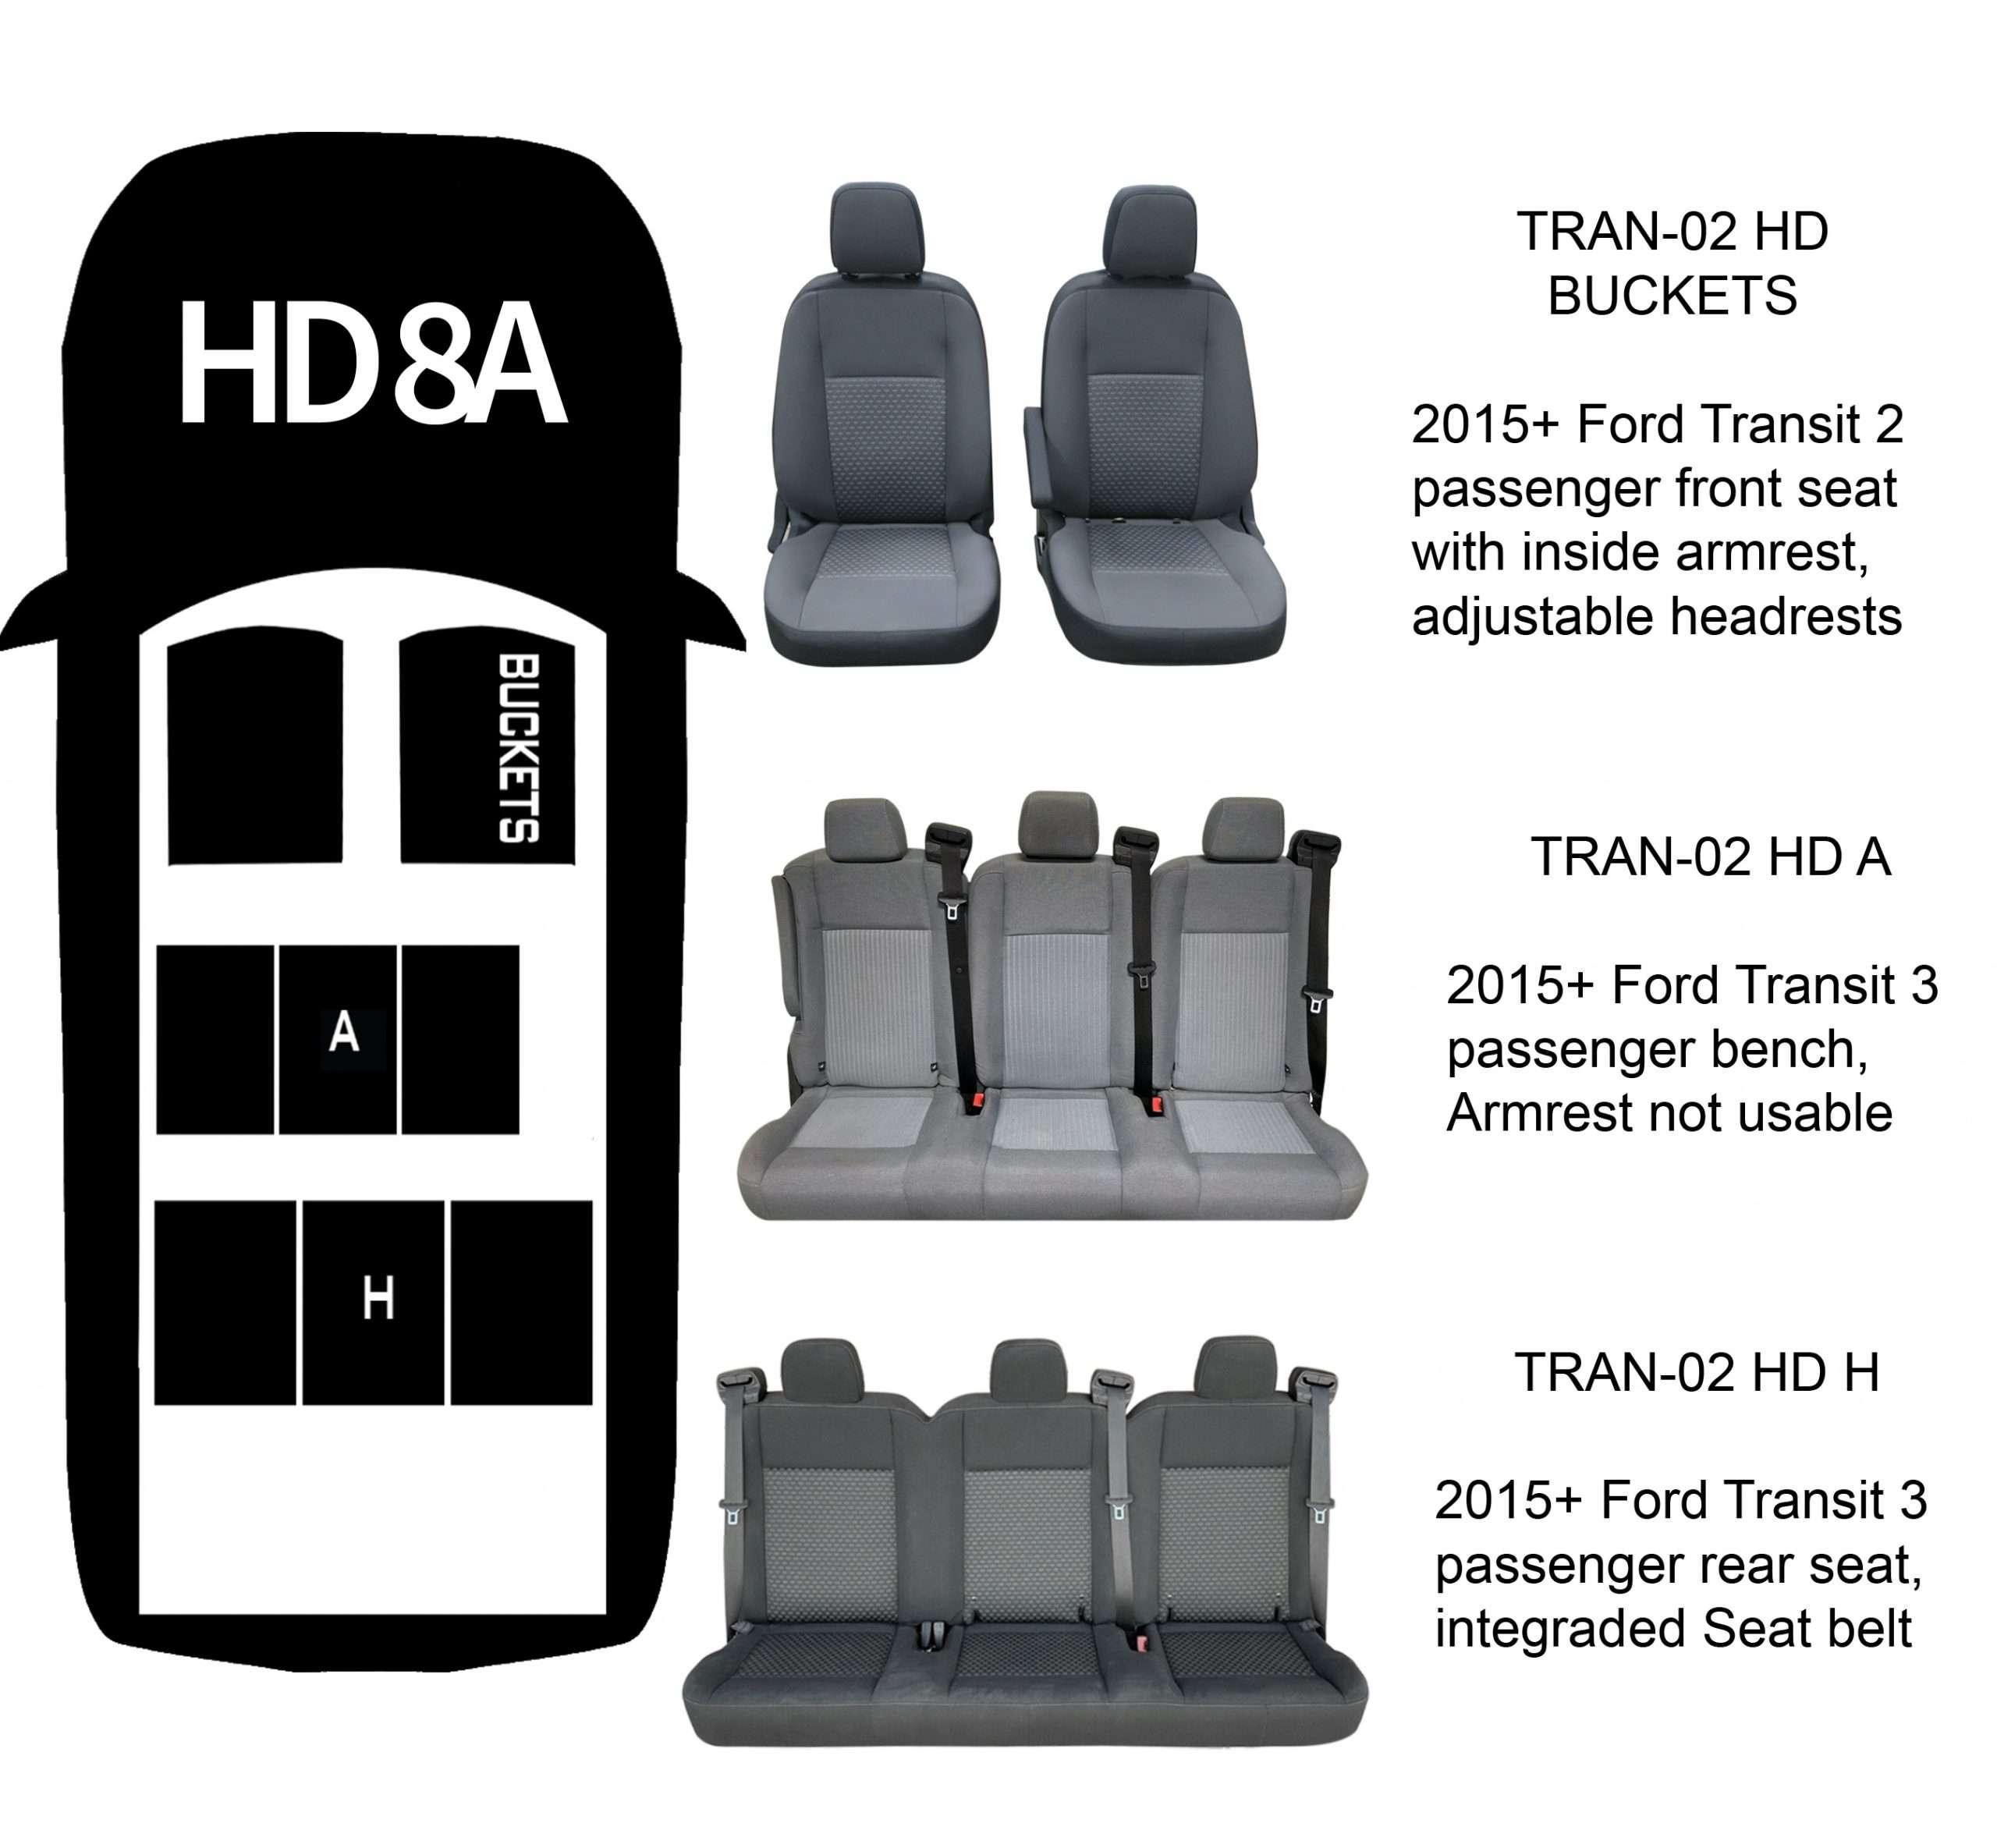 HD-8A copy